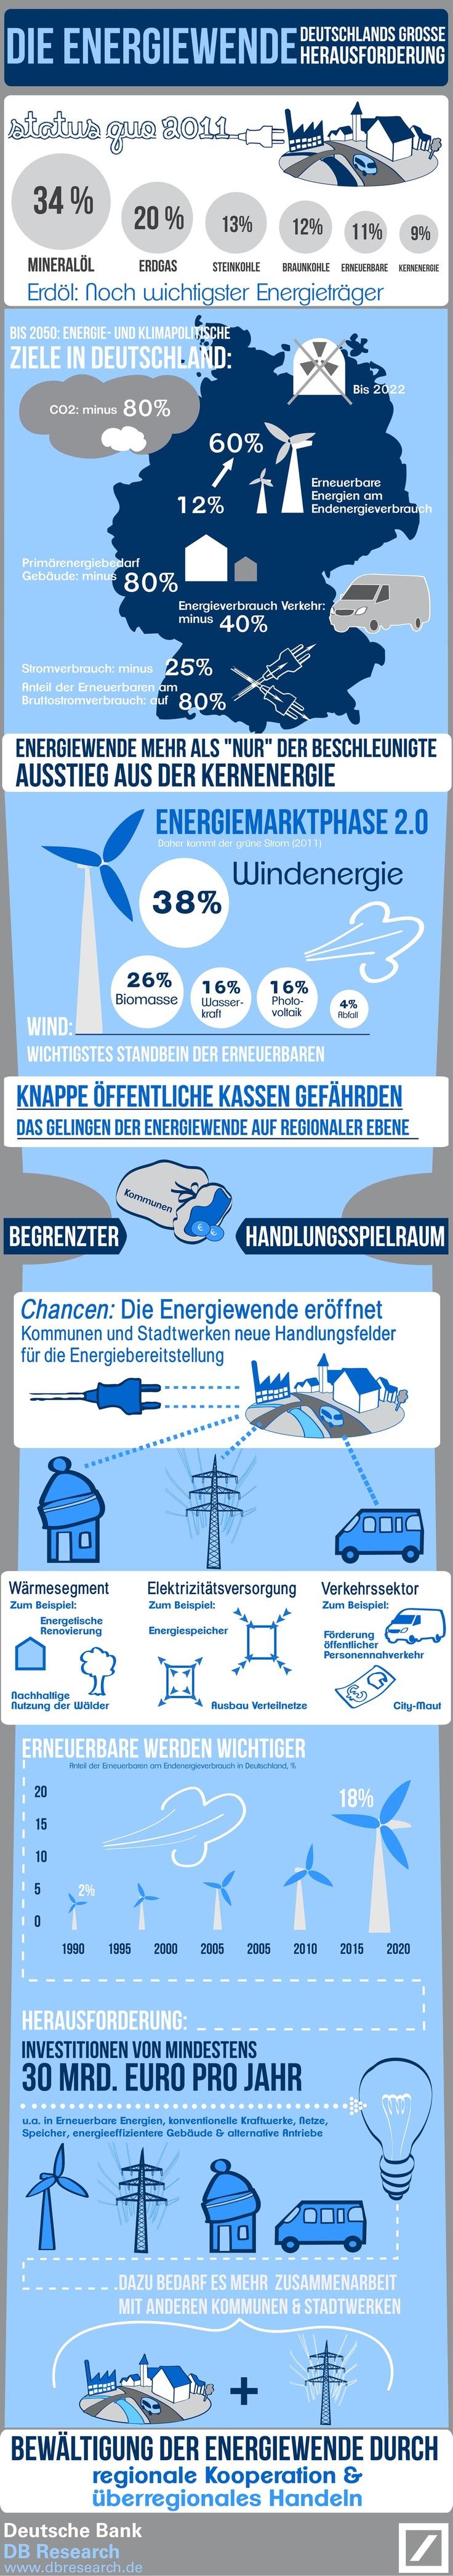 Die deutsche Energiewende zielt weit über den beschleunigten Ausstieg aus der Kernenergieerzeugung hinaus. Um die vielen energie- und   klimapolitisc